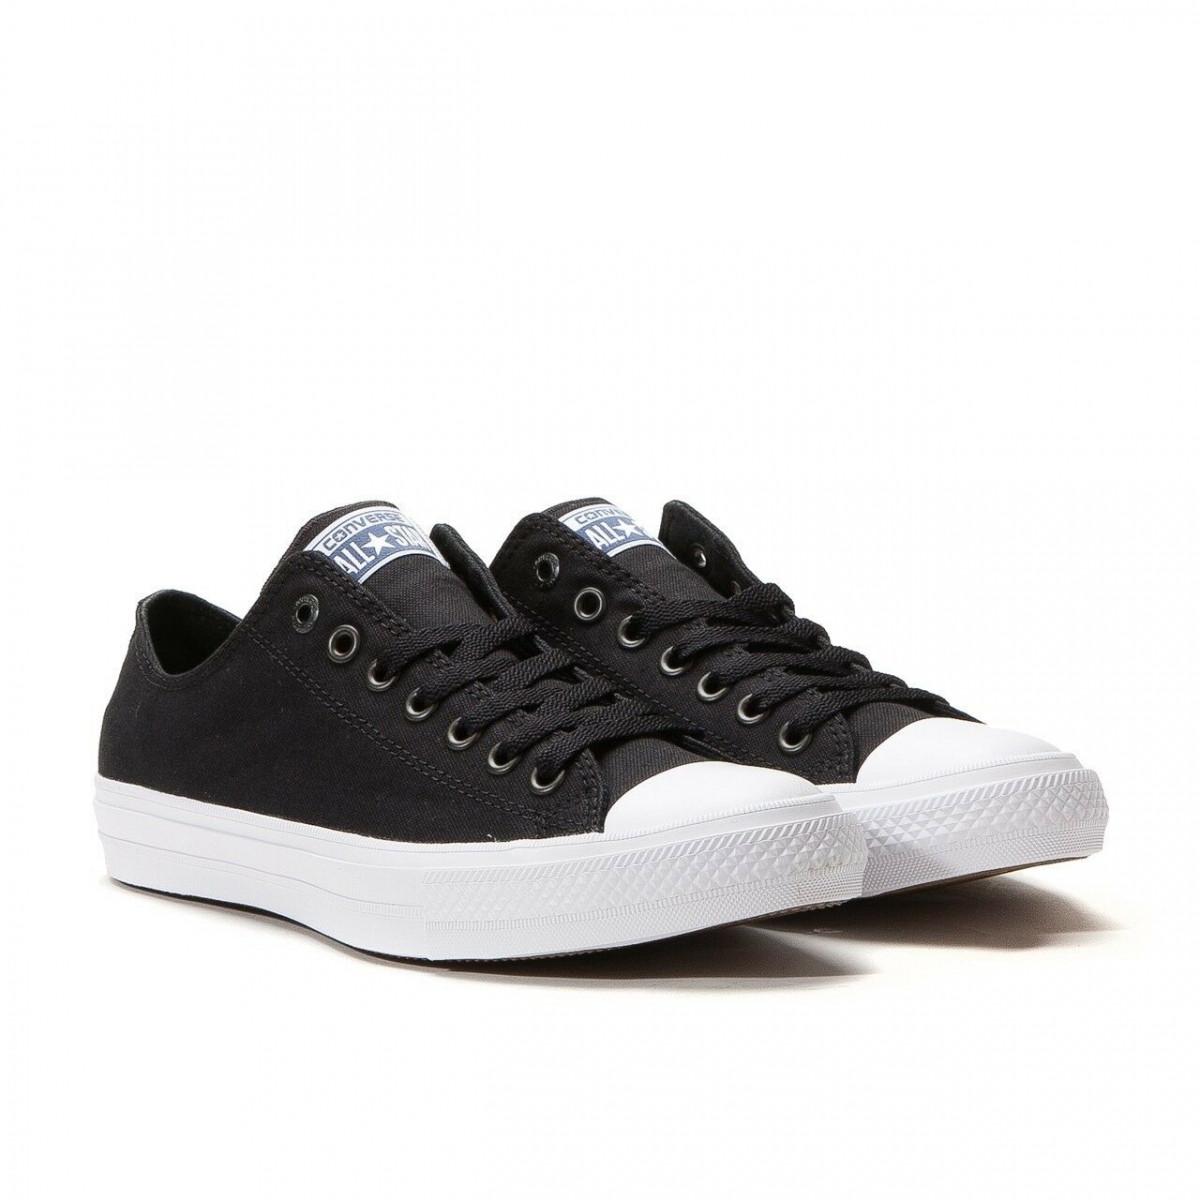 Кеды Converse Style All Star 2 низкие Черные с белым носком (38 р.) Тотальная распродажа